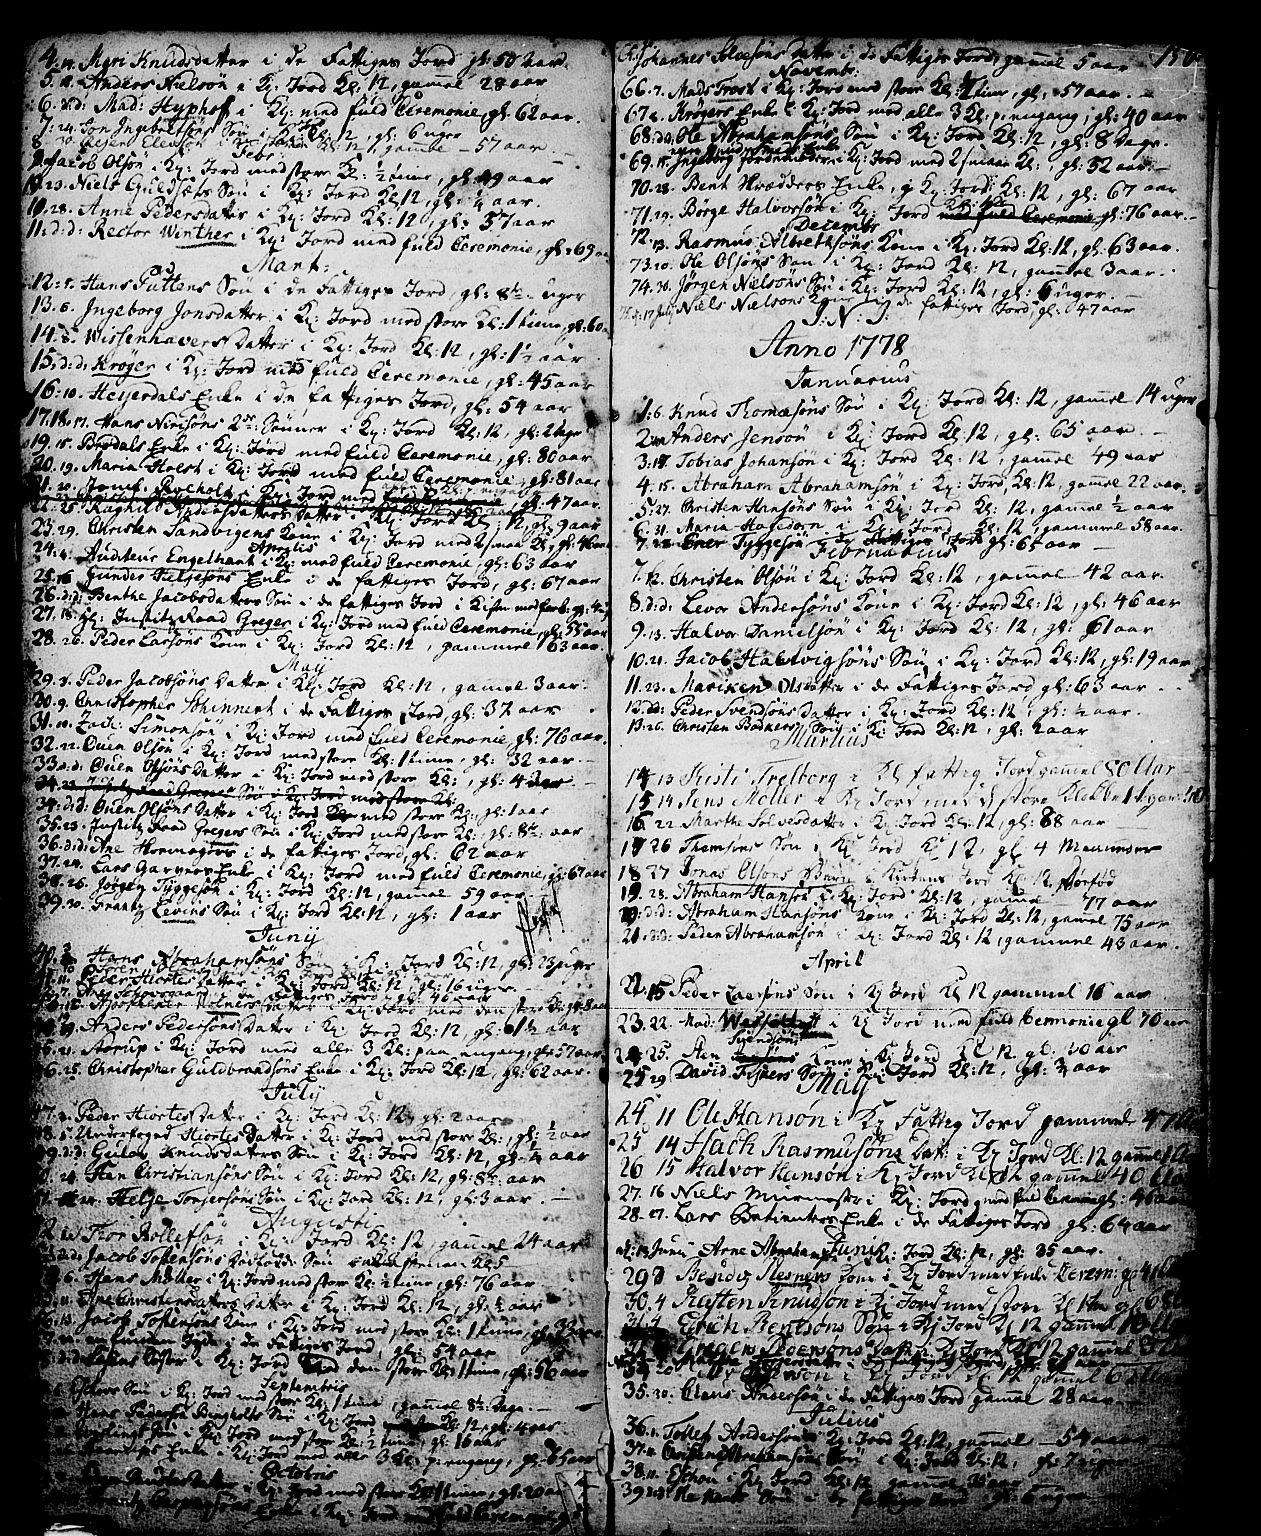 SAKO, Skien kirkebøker, G/Ga/L0001: Klokkerbok nr. 1, 1756-1791, s. 150